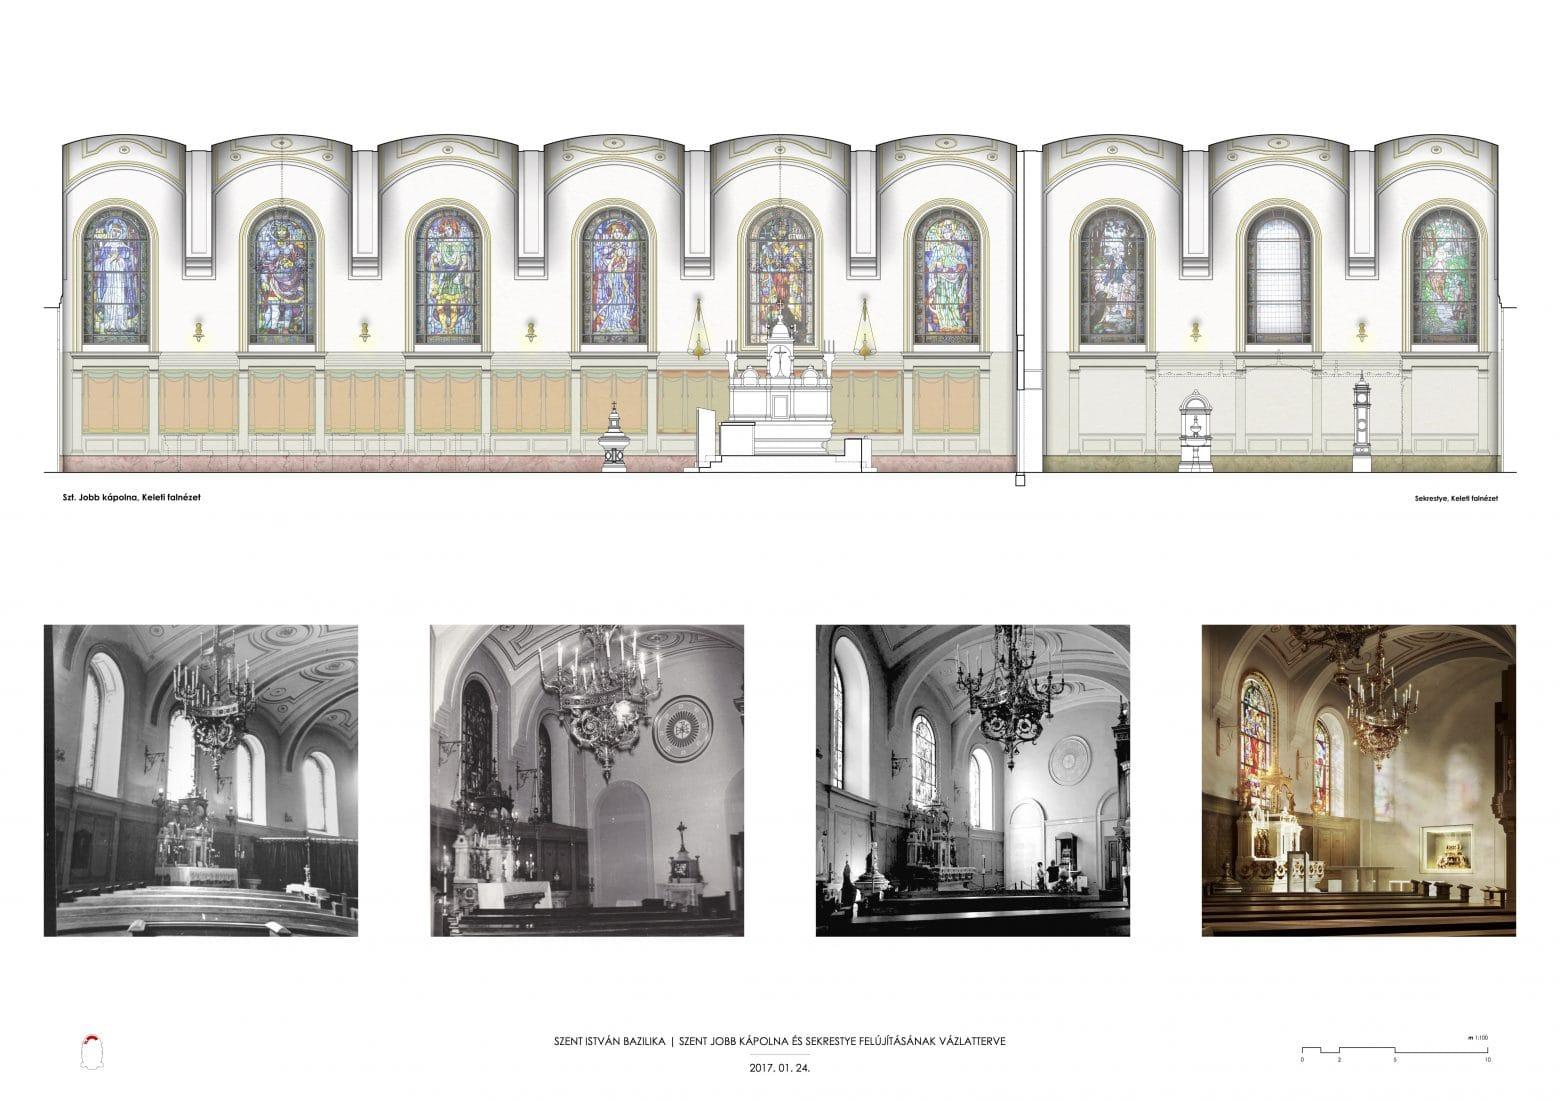 Bazilika_szent_jobb_kapolna MTT tablo 02 0124